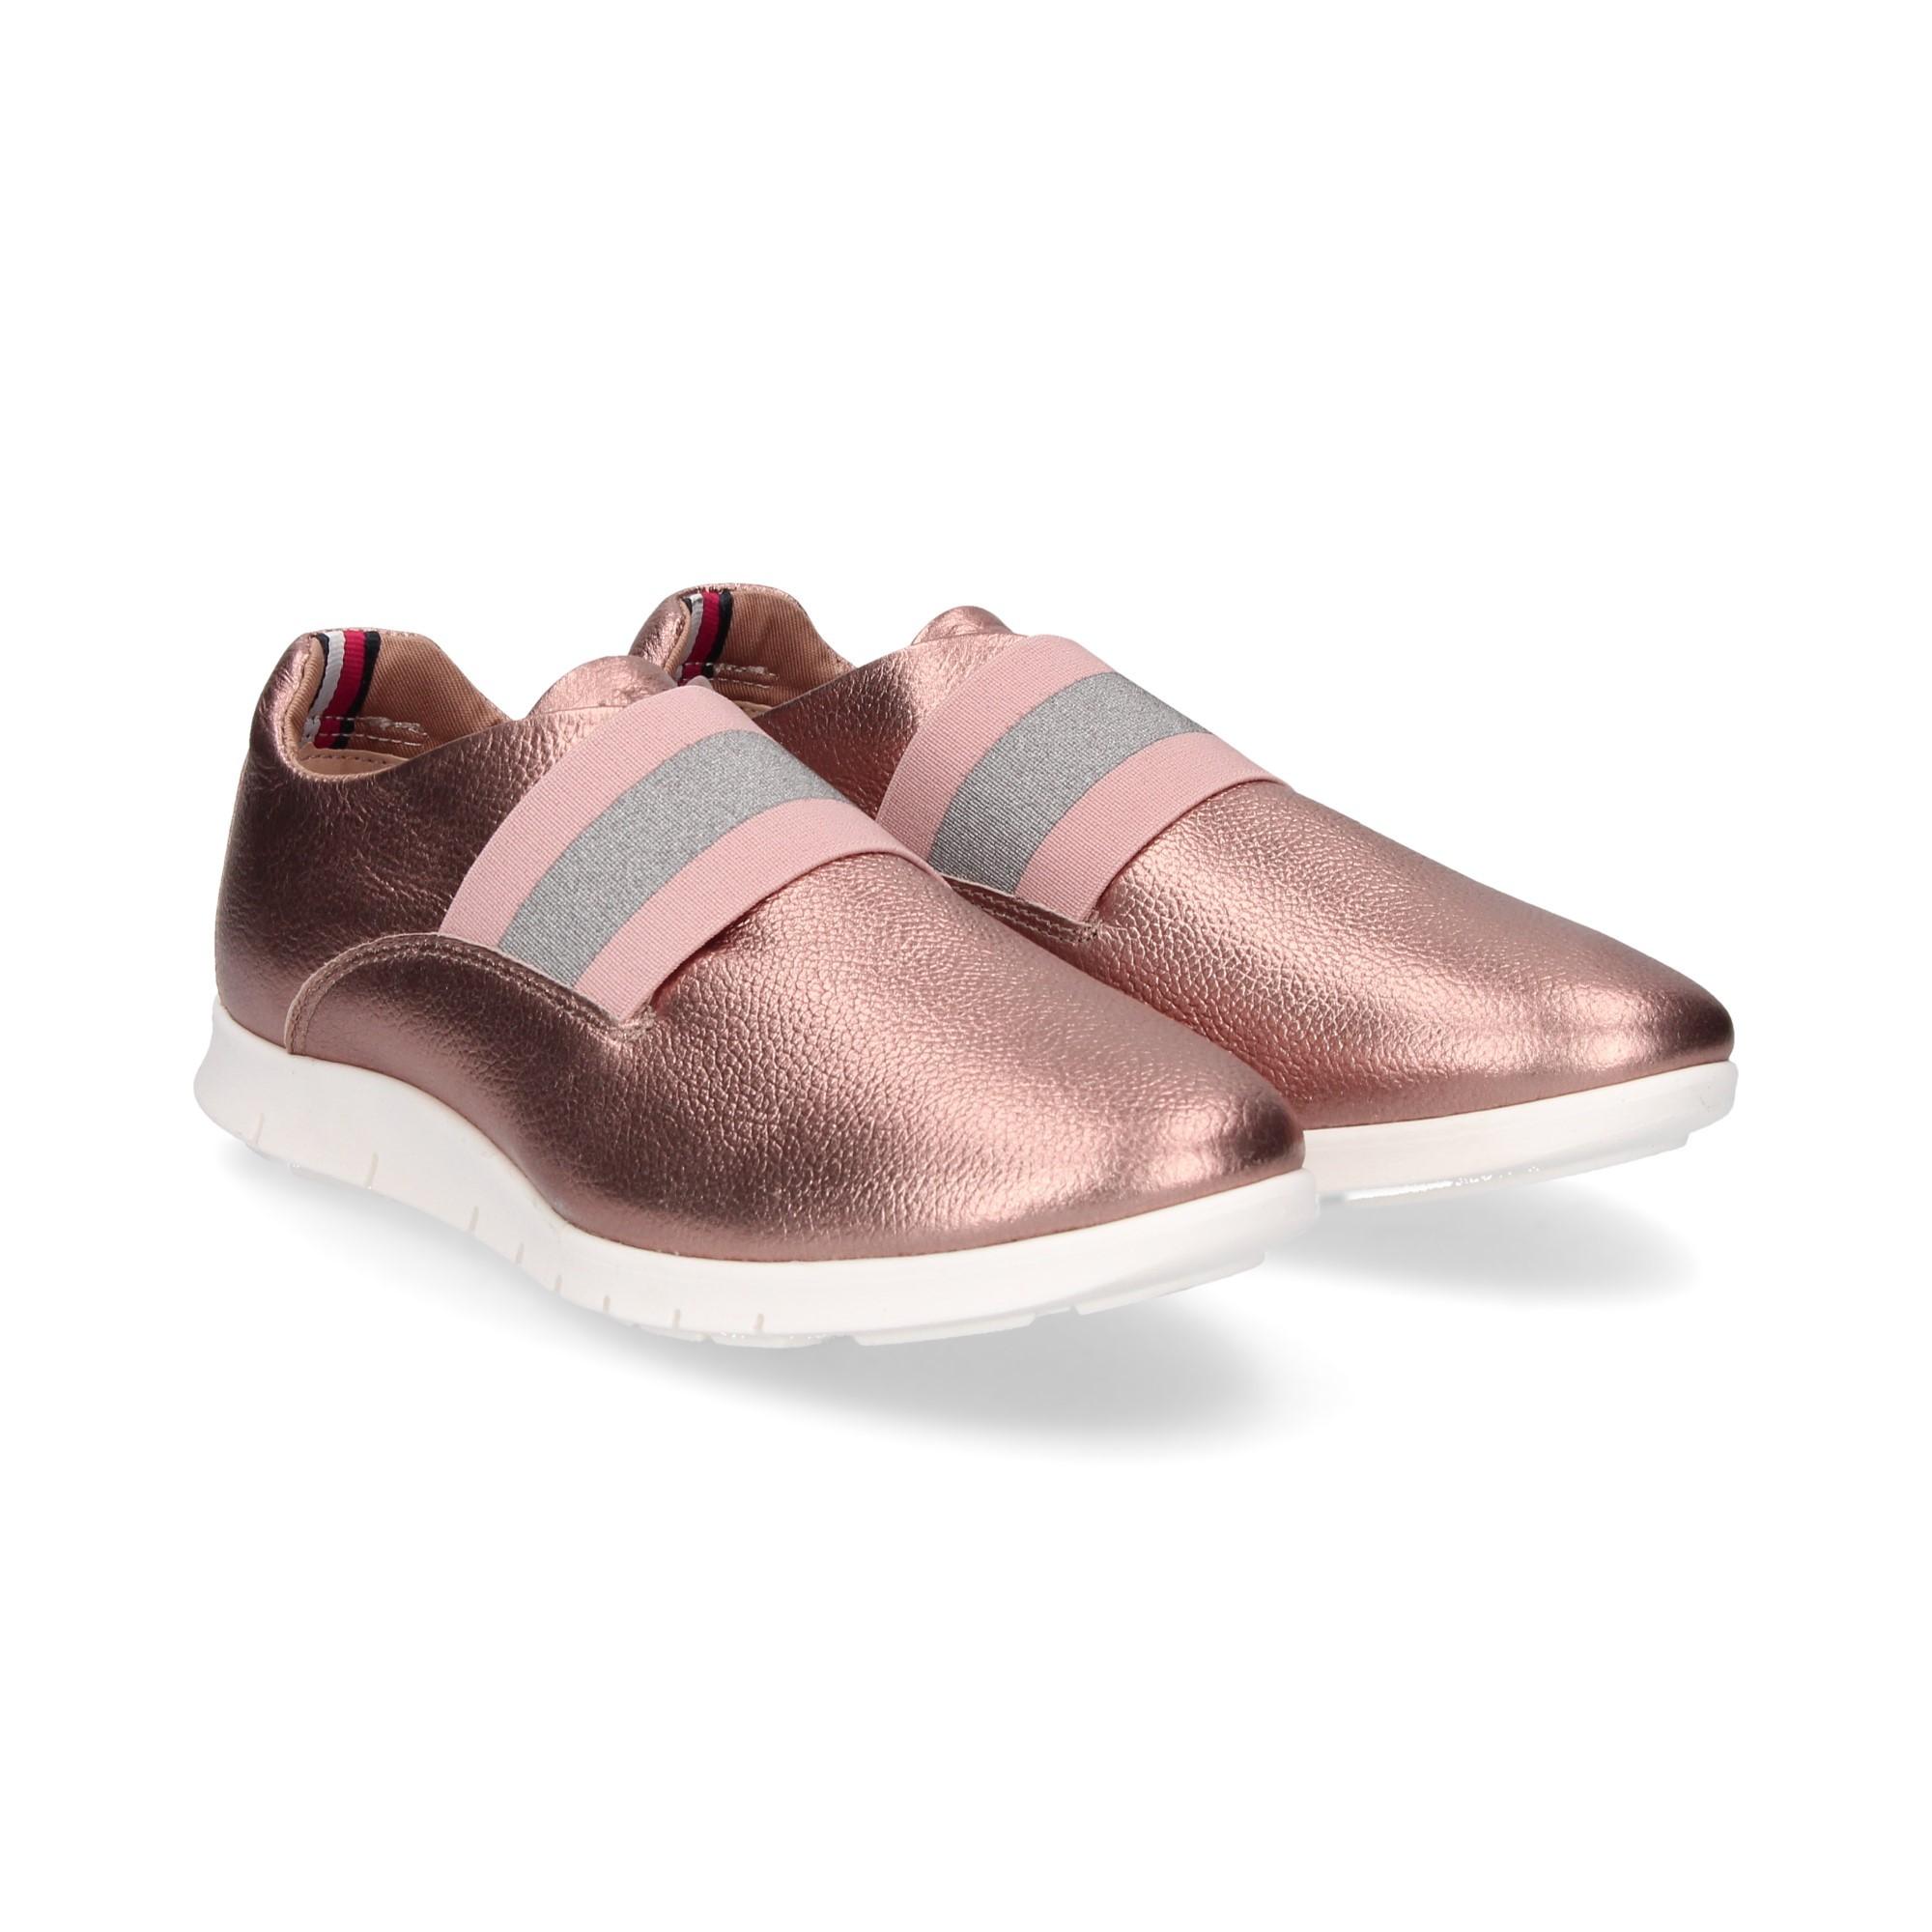 5a548ebd318d TOMMY HILFIGER Chaussures de sport pour femmes FW01416502 DASTY ROSE